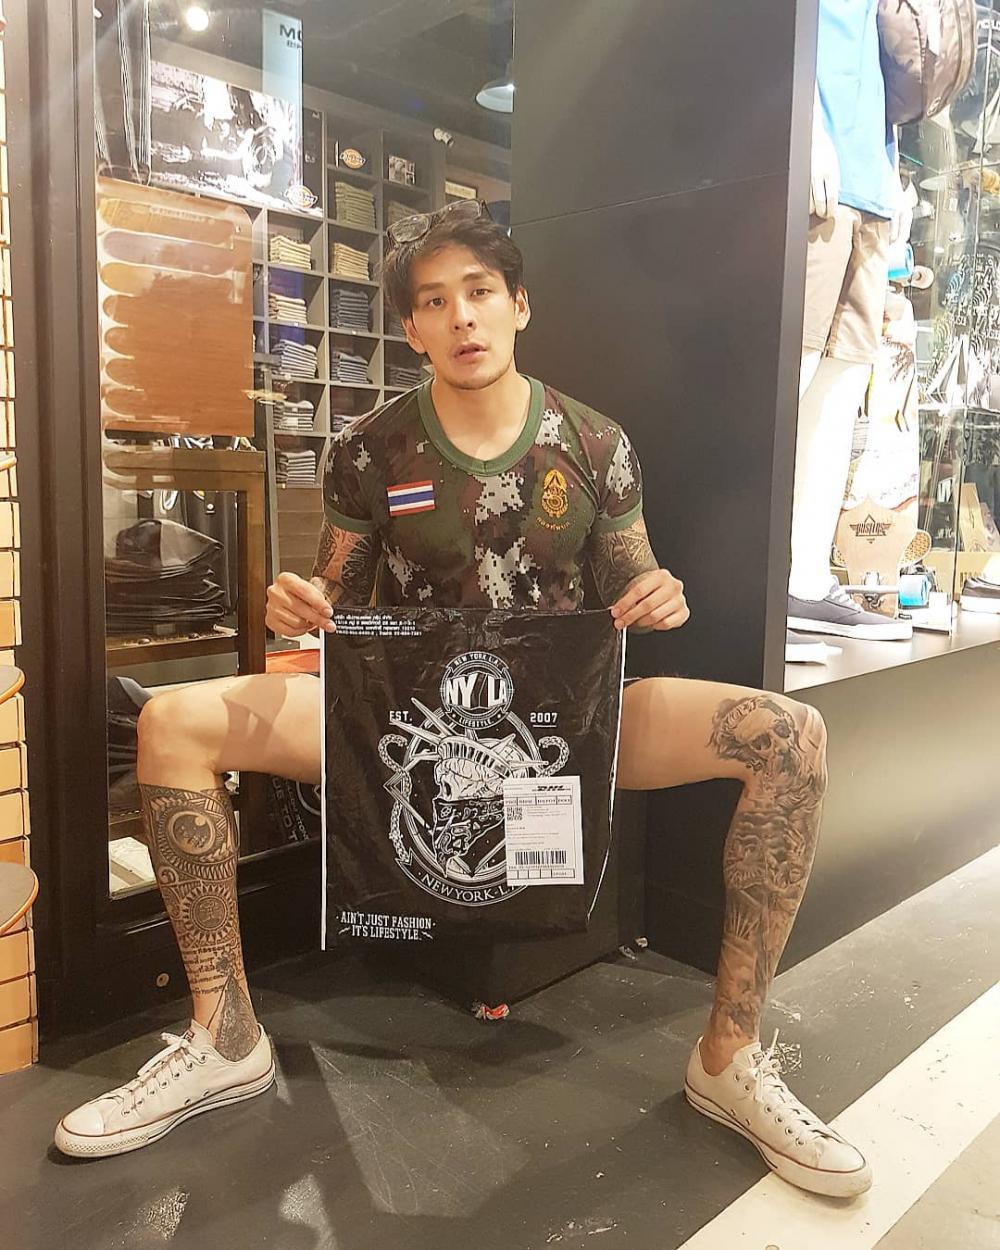 แทค ภรัณยู ขอบคุณภาพจากไอจี @tack_pharunyoo